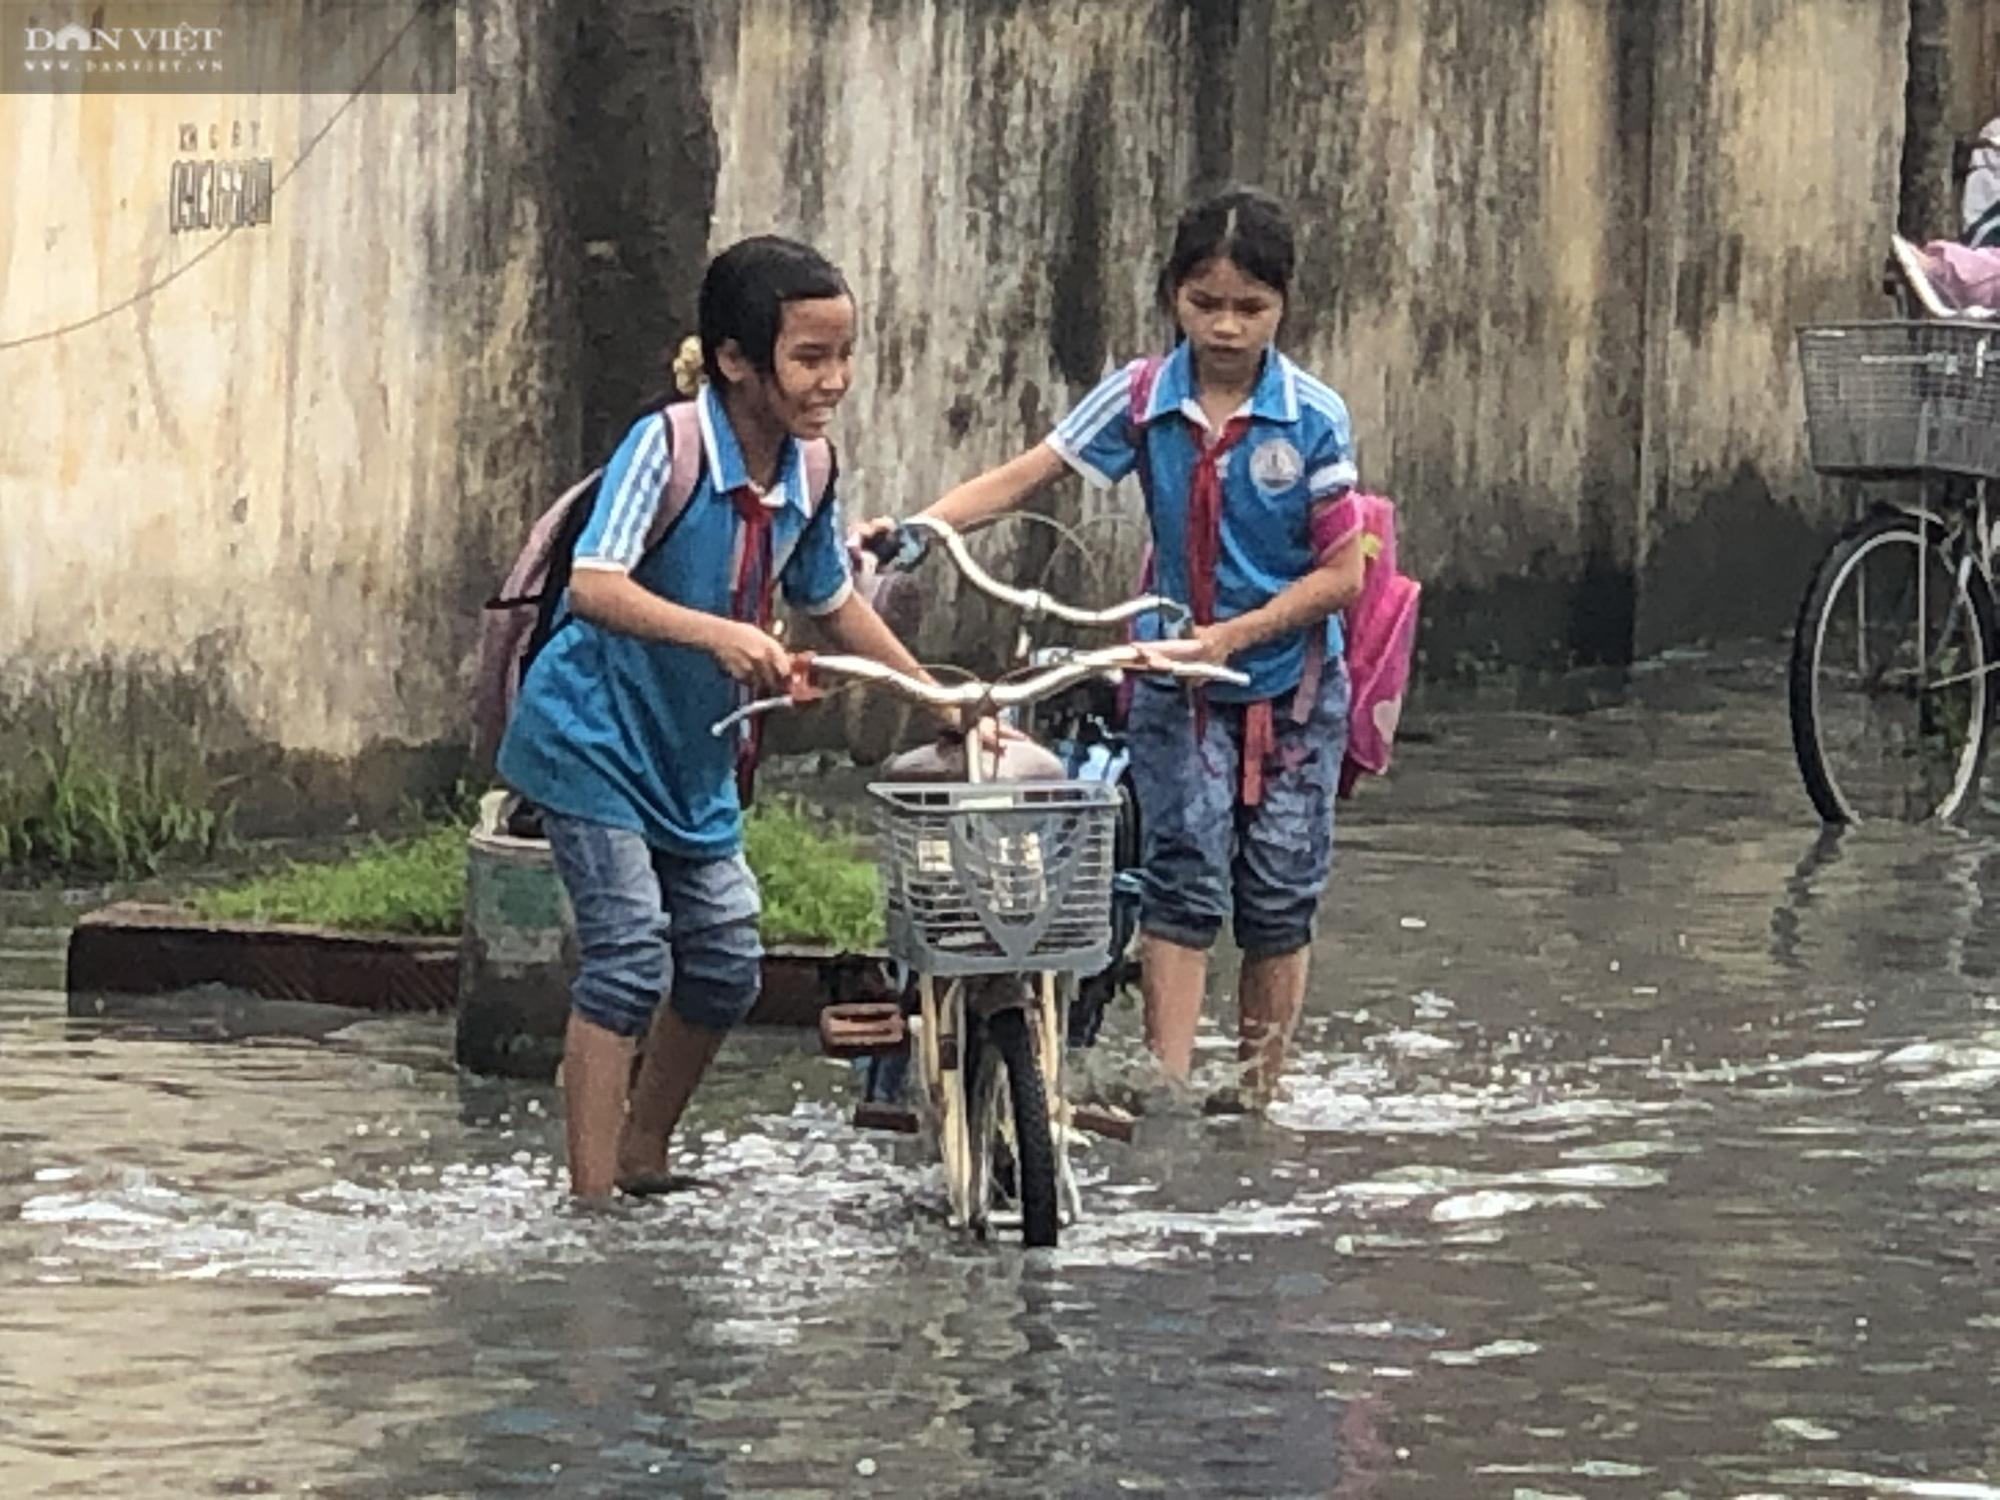 Bắc Ninh: Rùng mình chứng kiến cảnh học sinh chân trần lội nước bùn đen hôi thối ở làng giấy Phong Khê  - Ảnh 3.